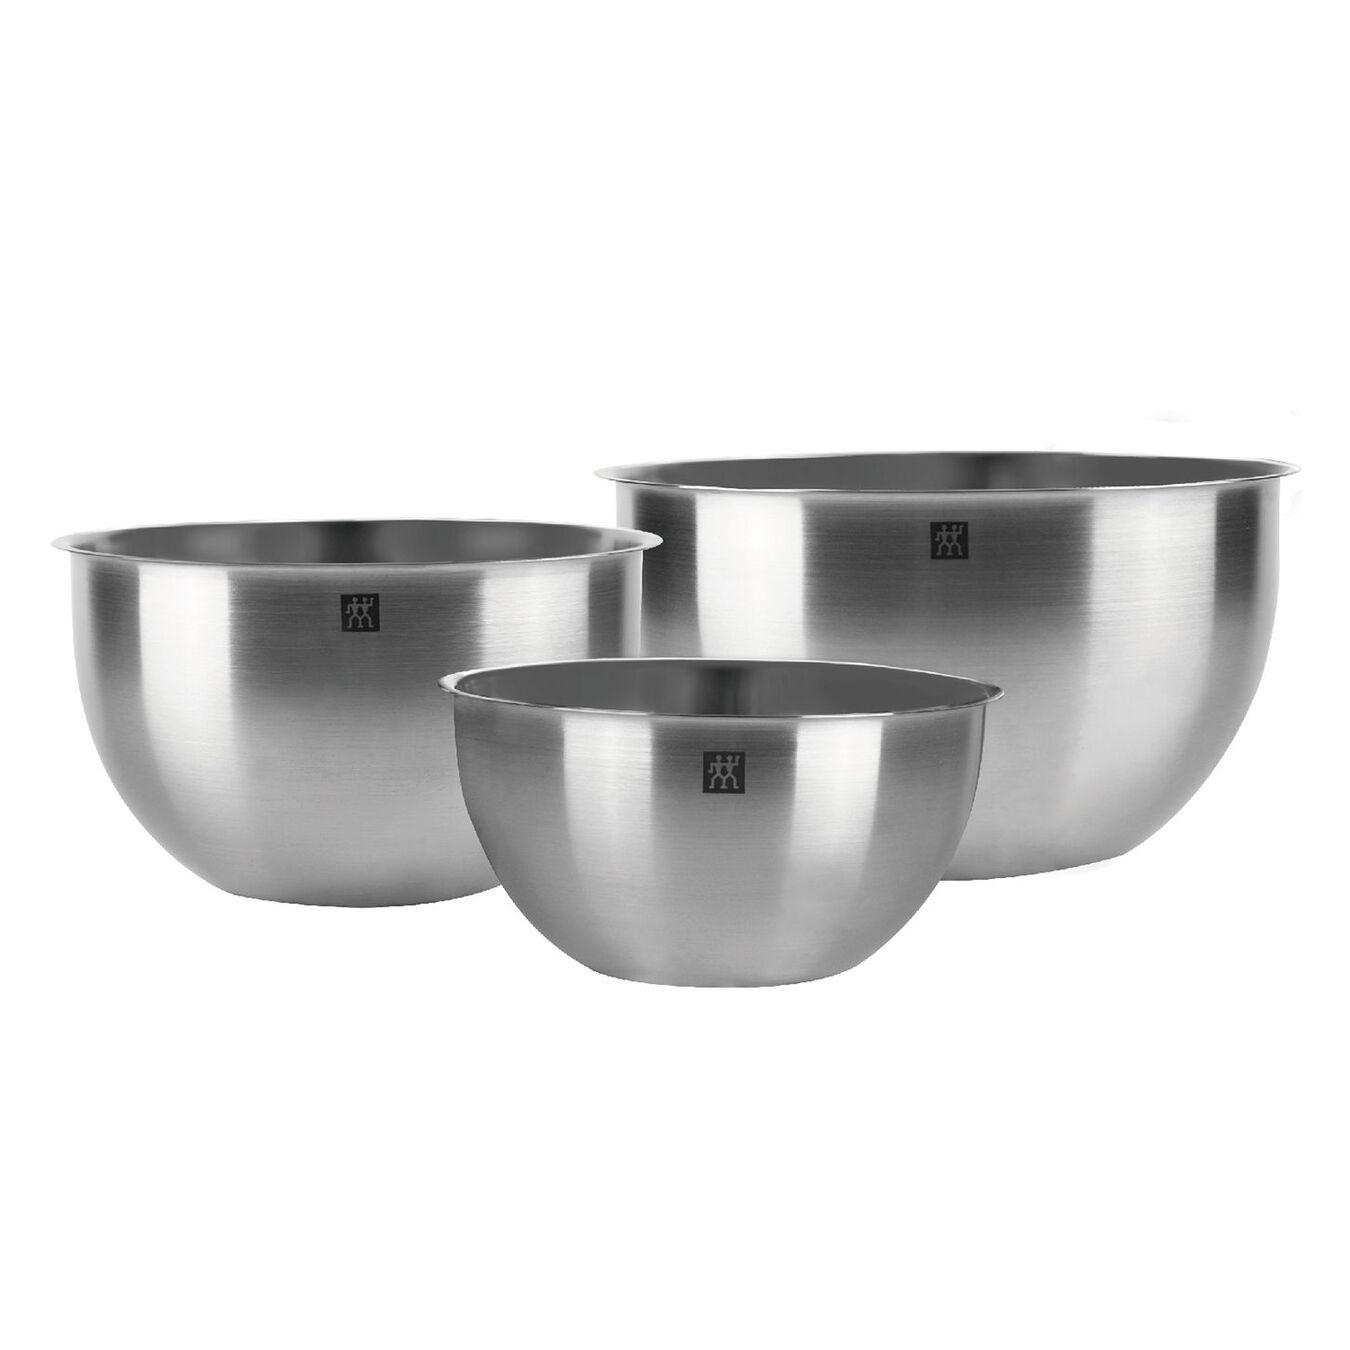 Mutfak Gereçleri Seti | 18/10 Paslanmaz Çelik | 3-parça,,large 1